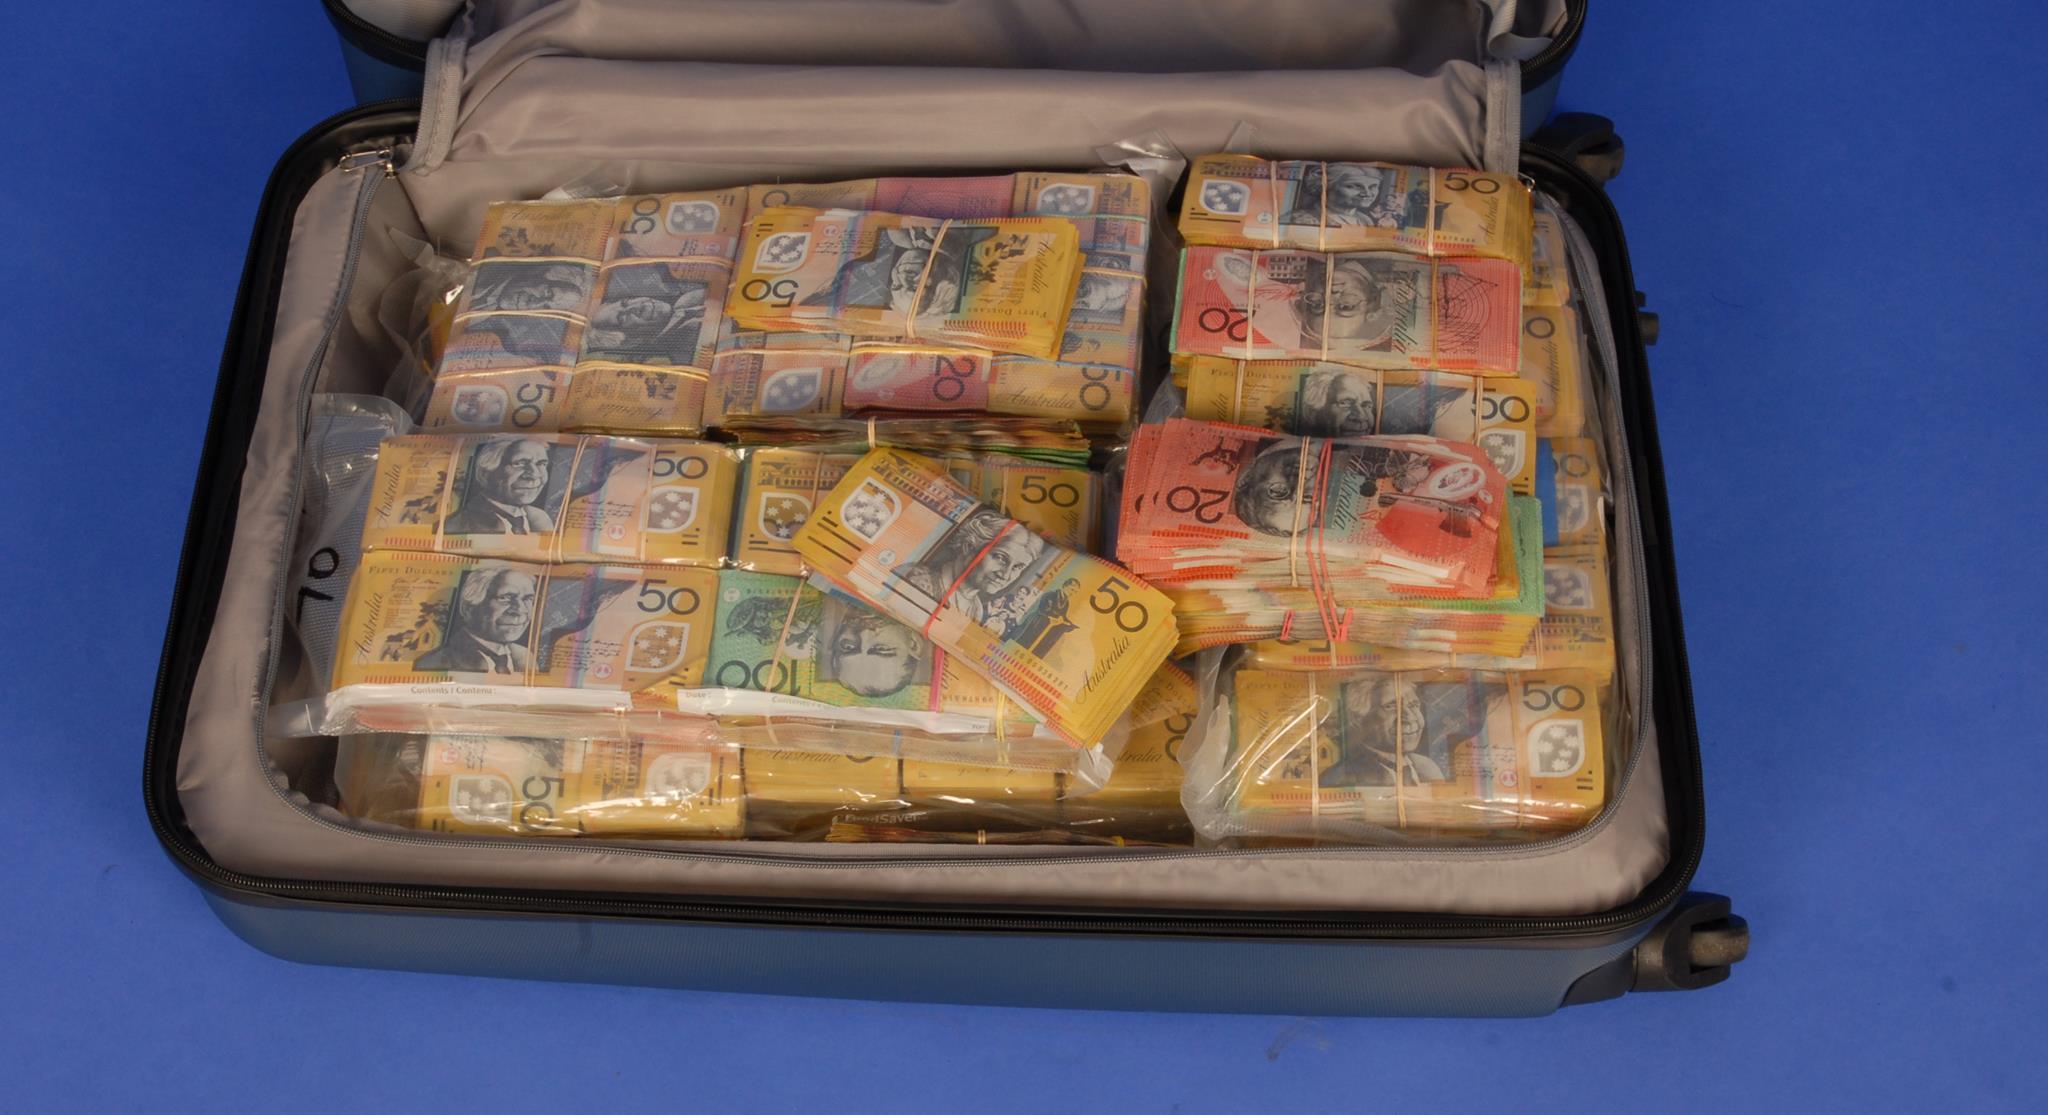 Az ausztrál rendőrök keresik ennek az 1,6 millió dollárral teli bőröndnek a gazdáját